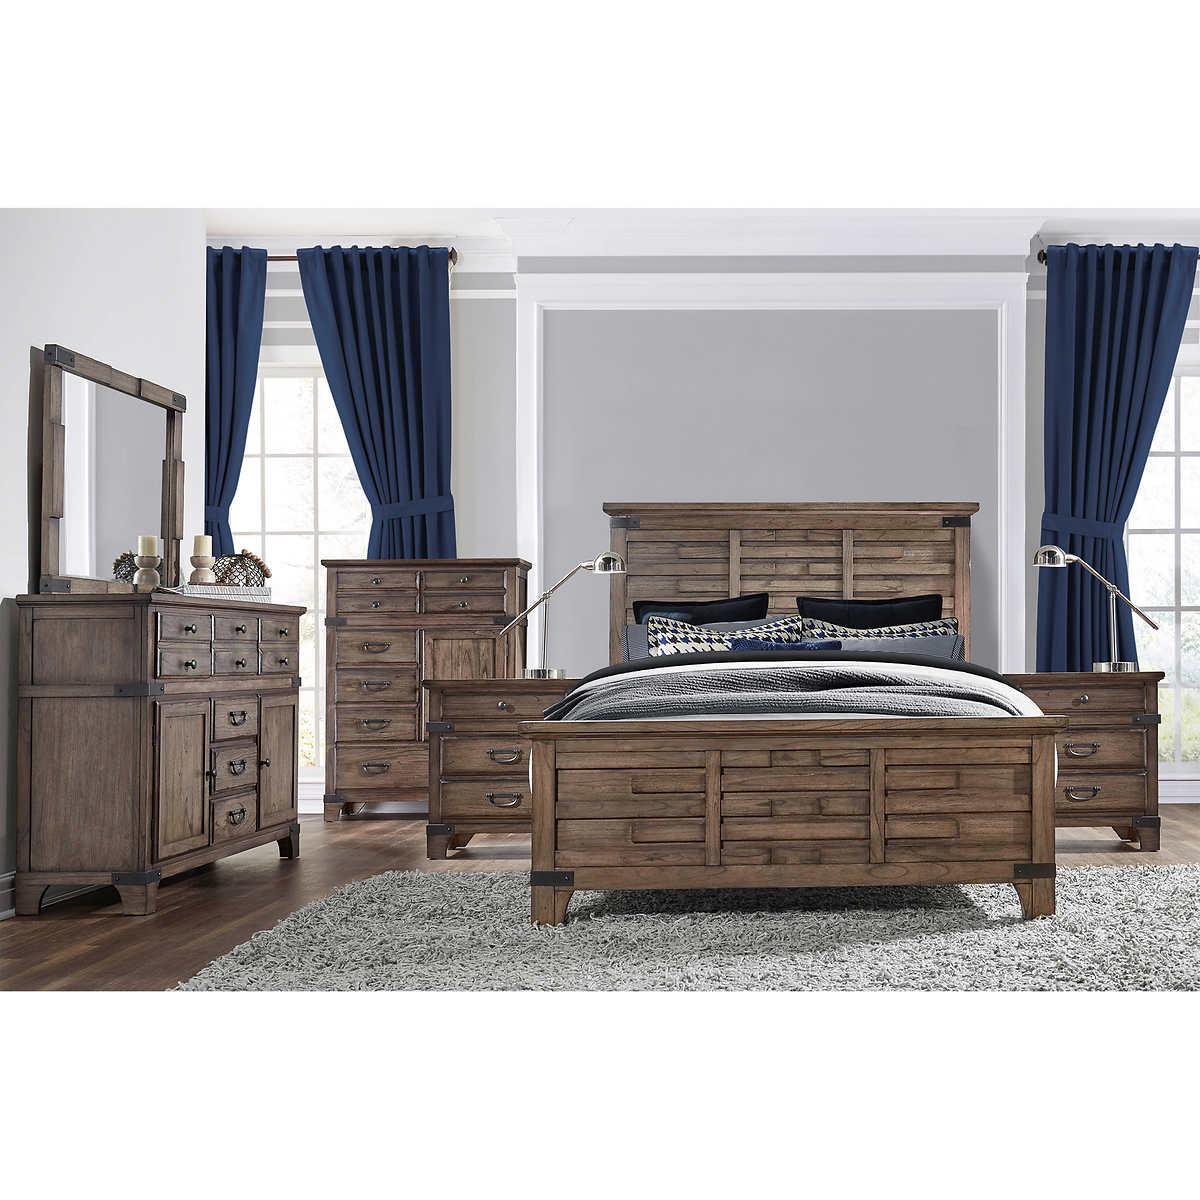 King Size Bedroom Sets king bedroom sets | costco